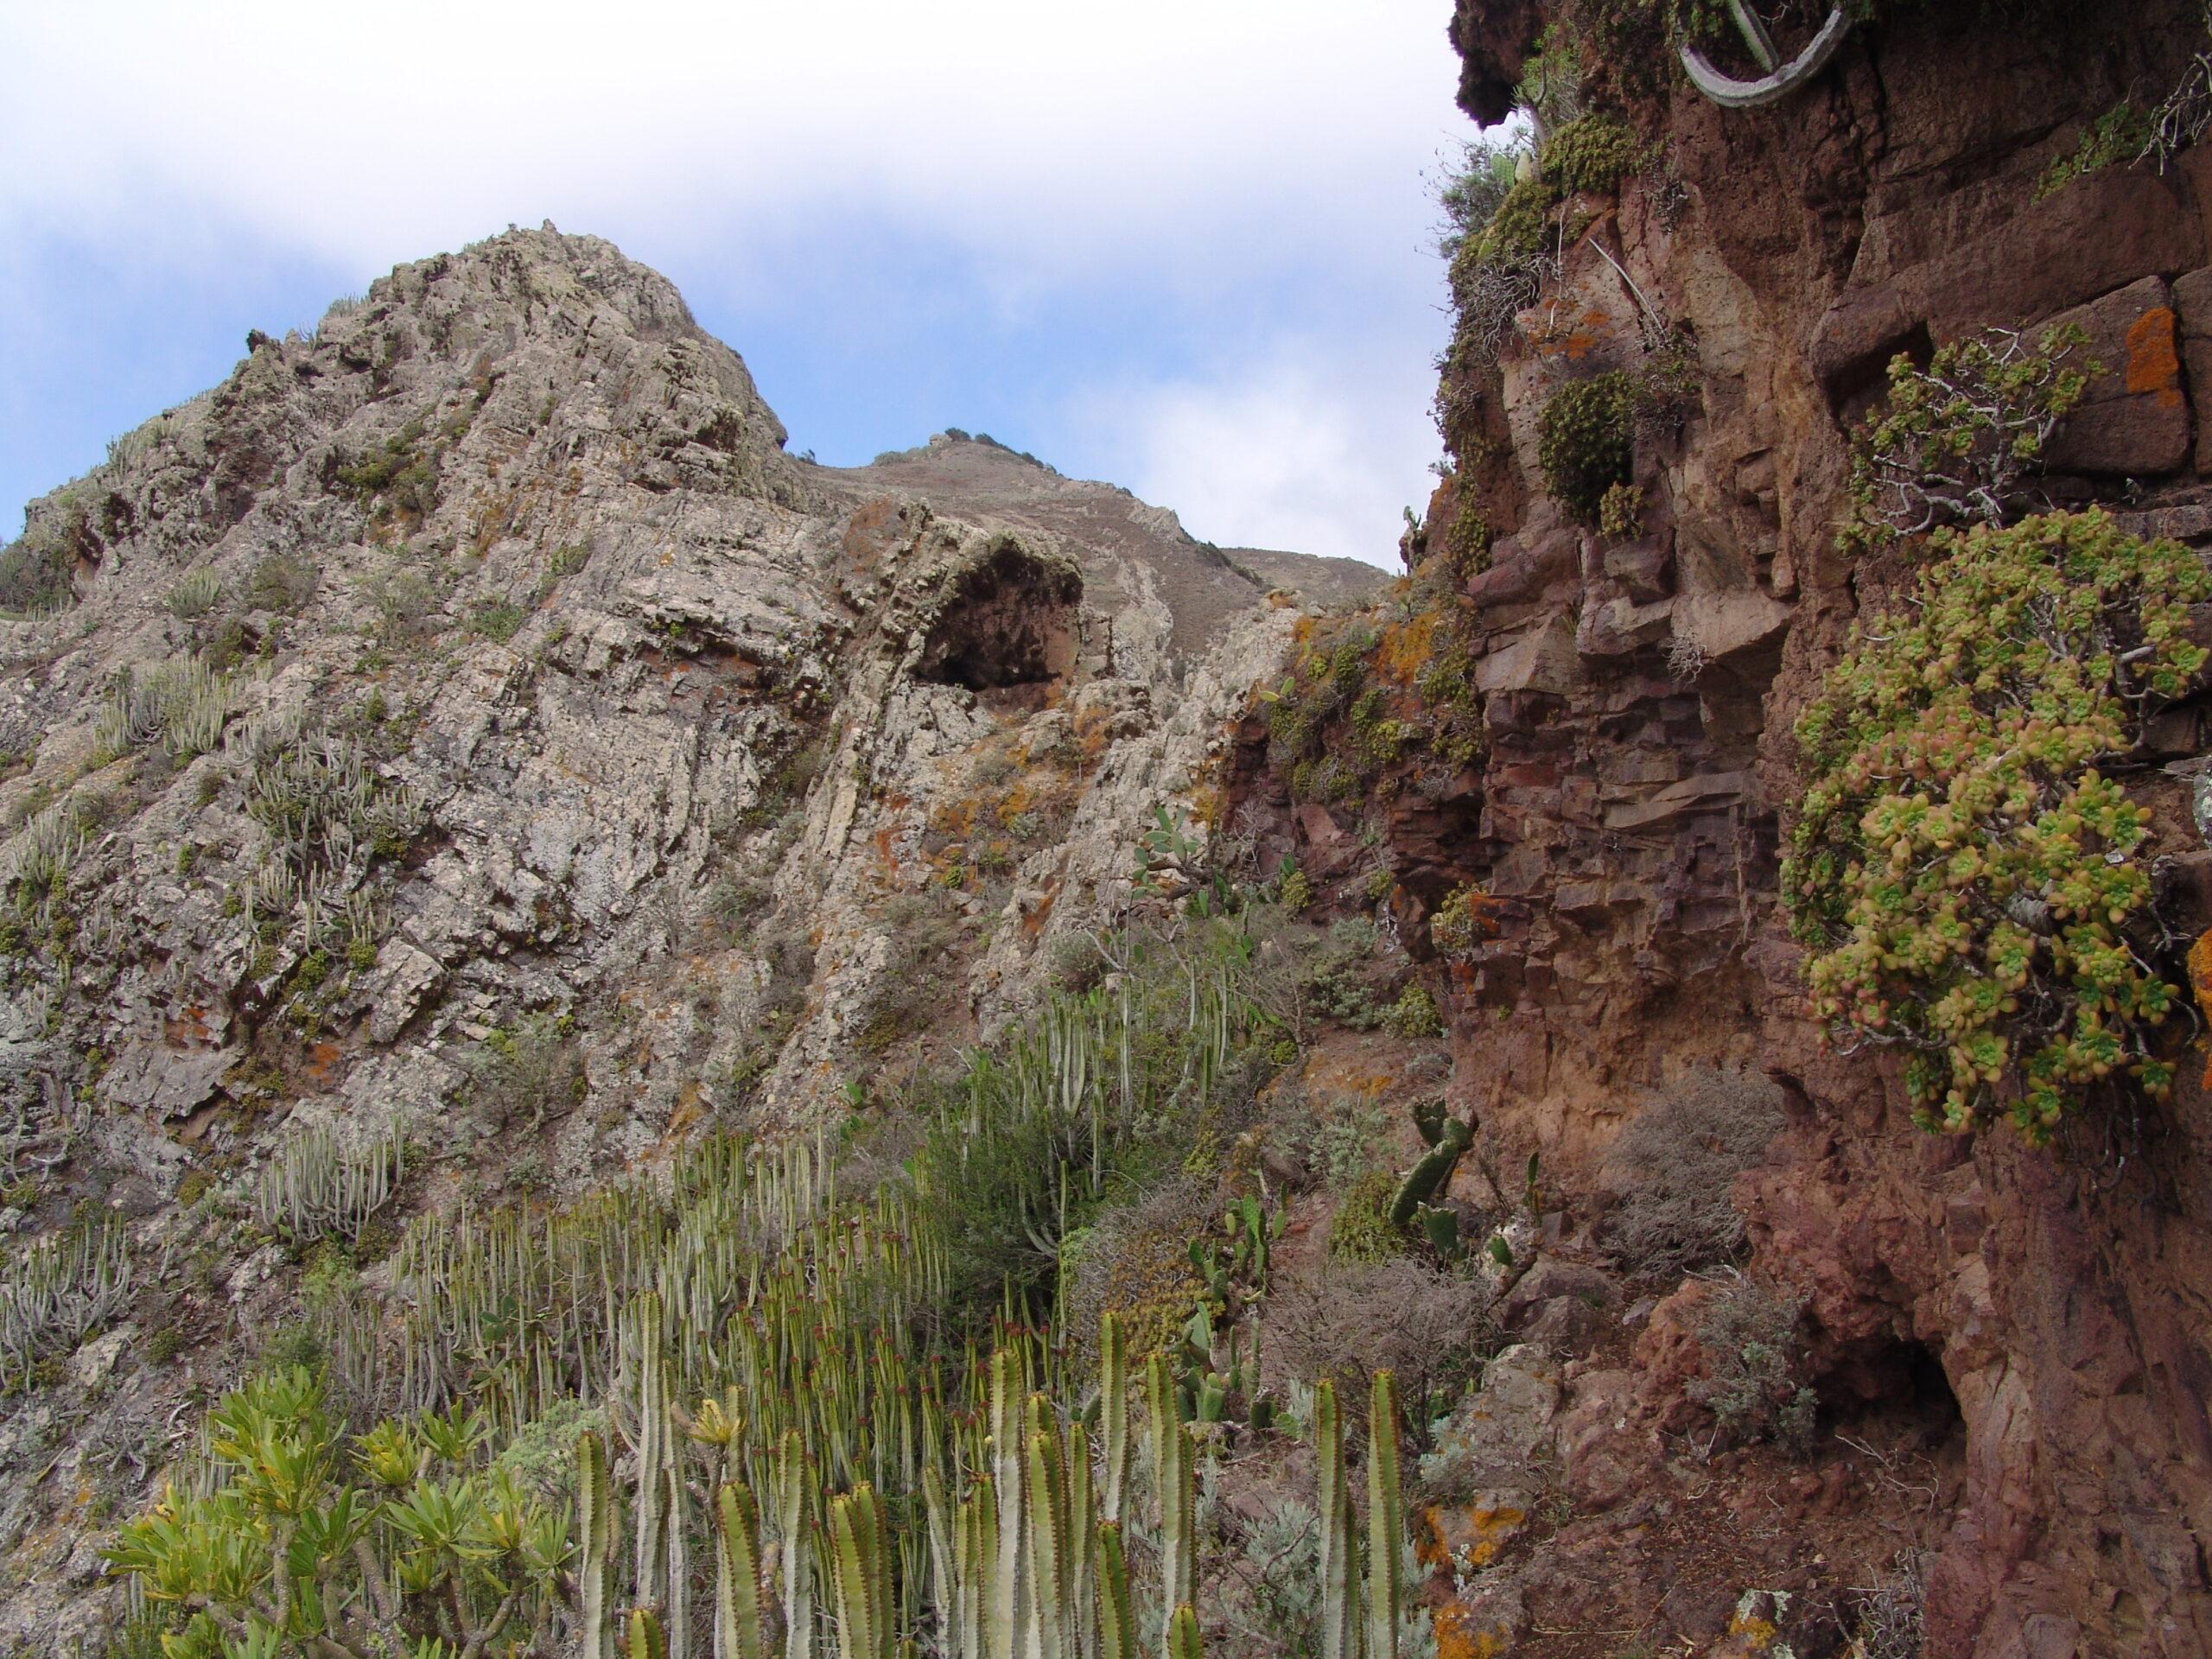 dsc09061-habitat-sabinar-punta-anaga-scaled.jpg